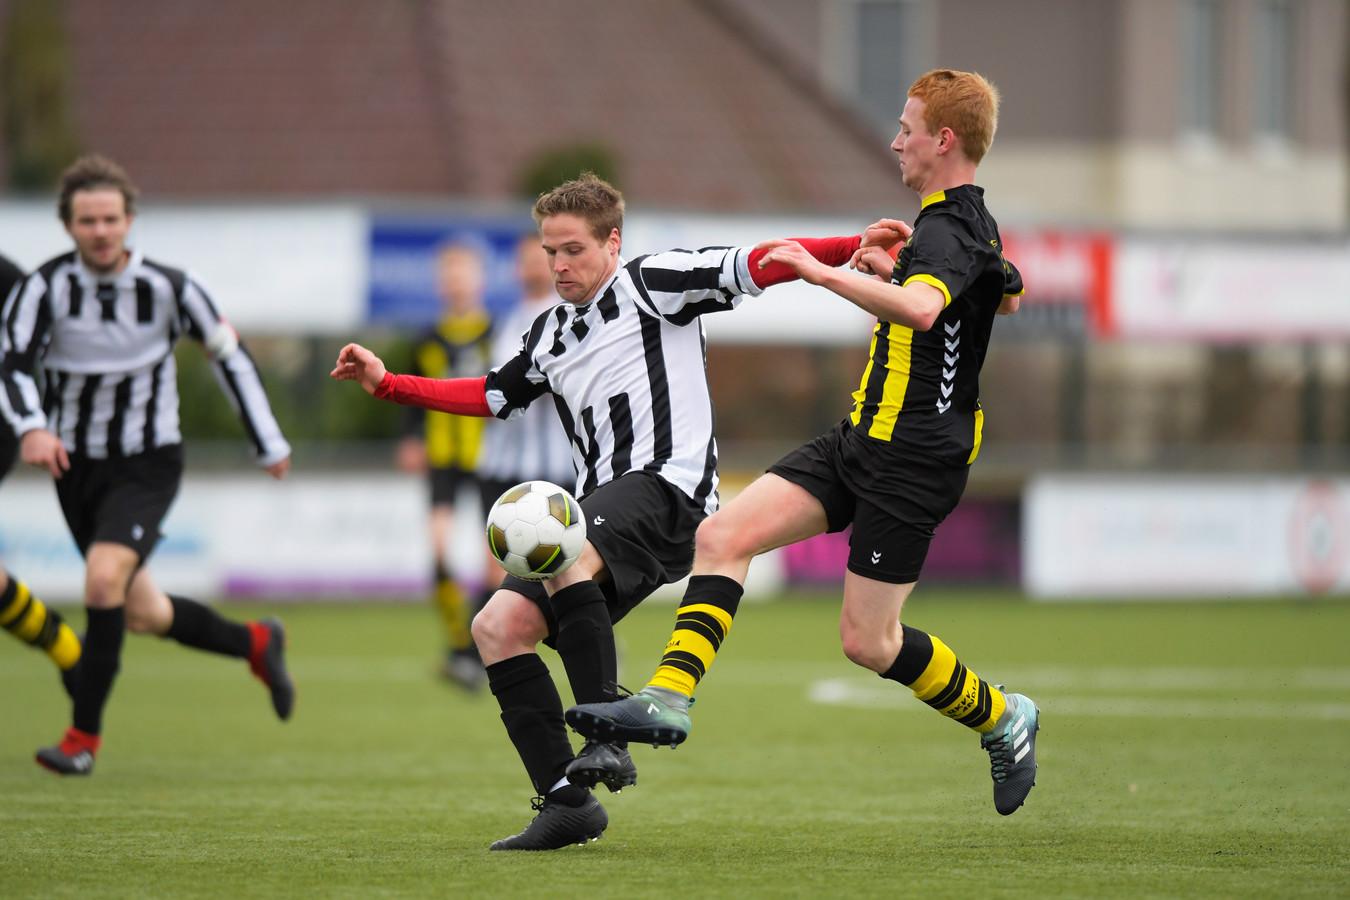 L-R Peter Versantvoort (DVG), Teun van der Sangen (Nulandia)